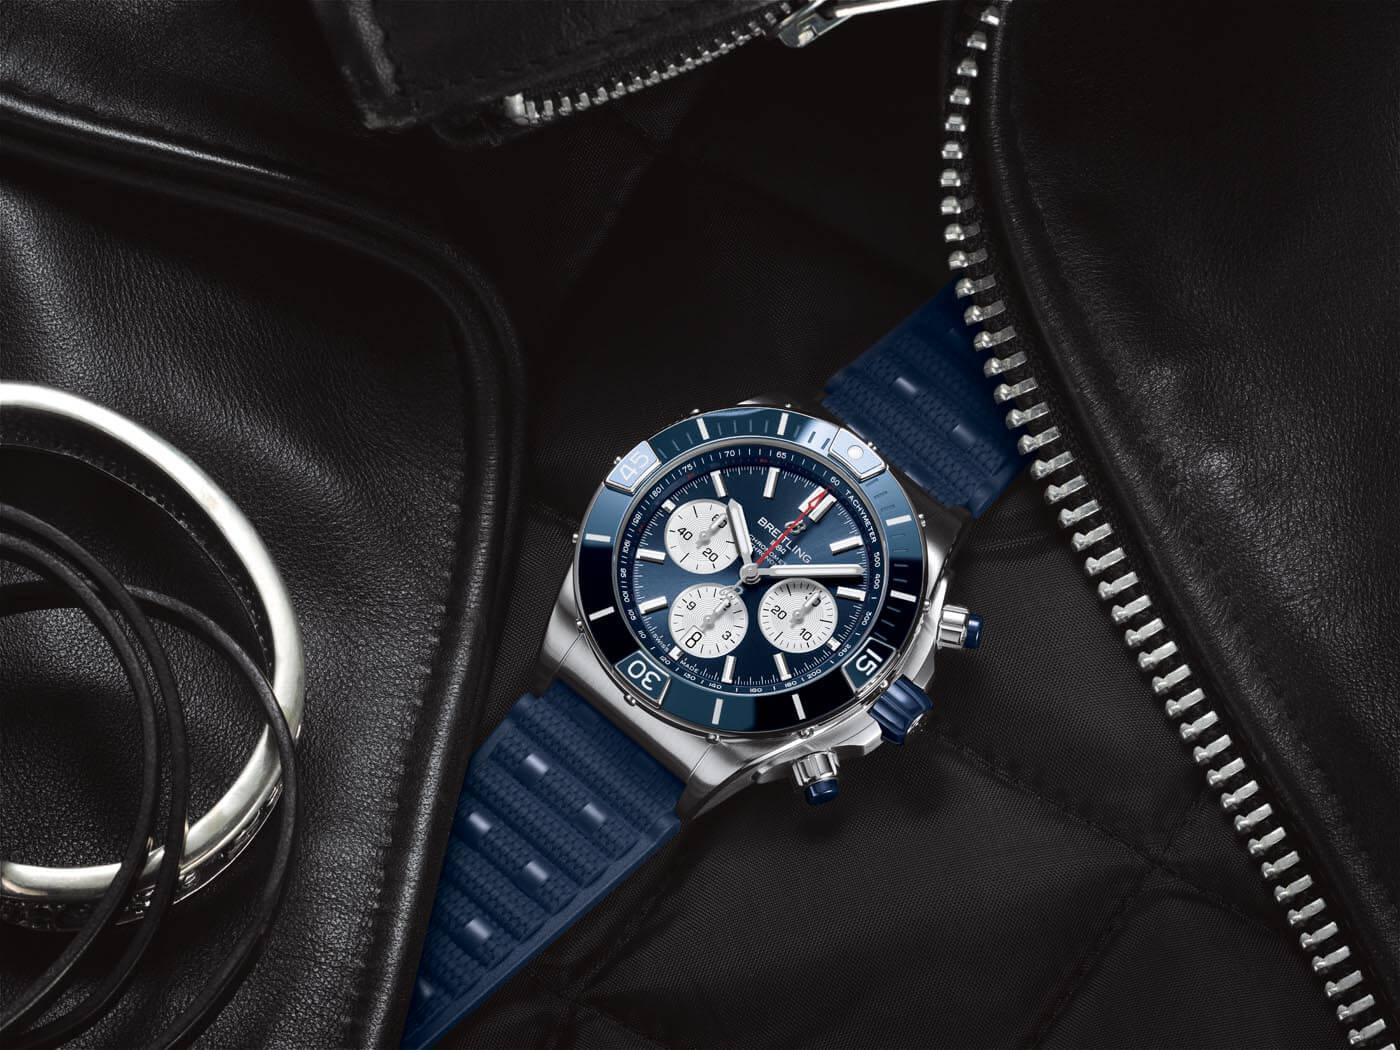 Breitling Super Chronomat B01 44 portada